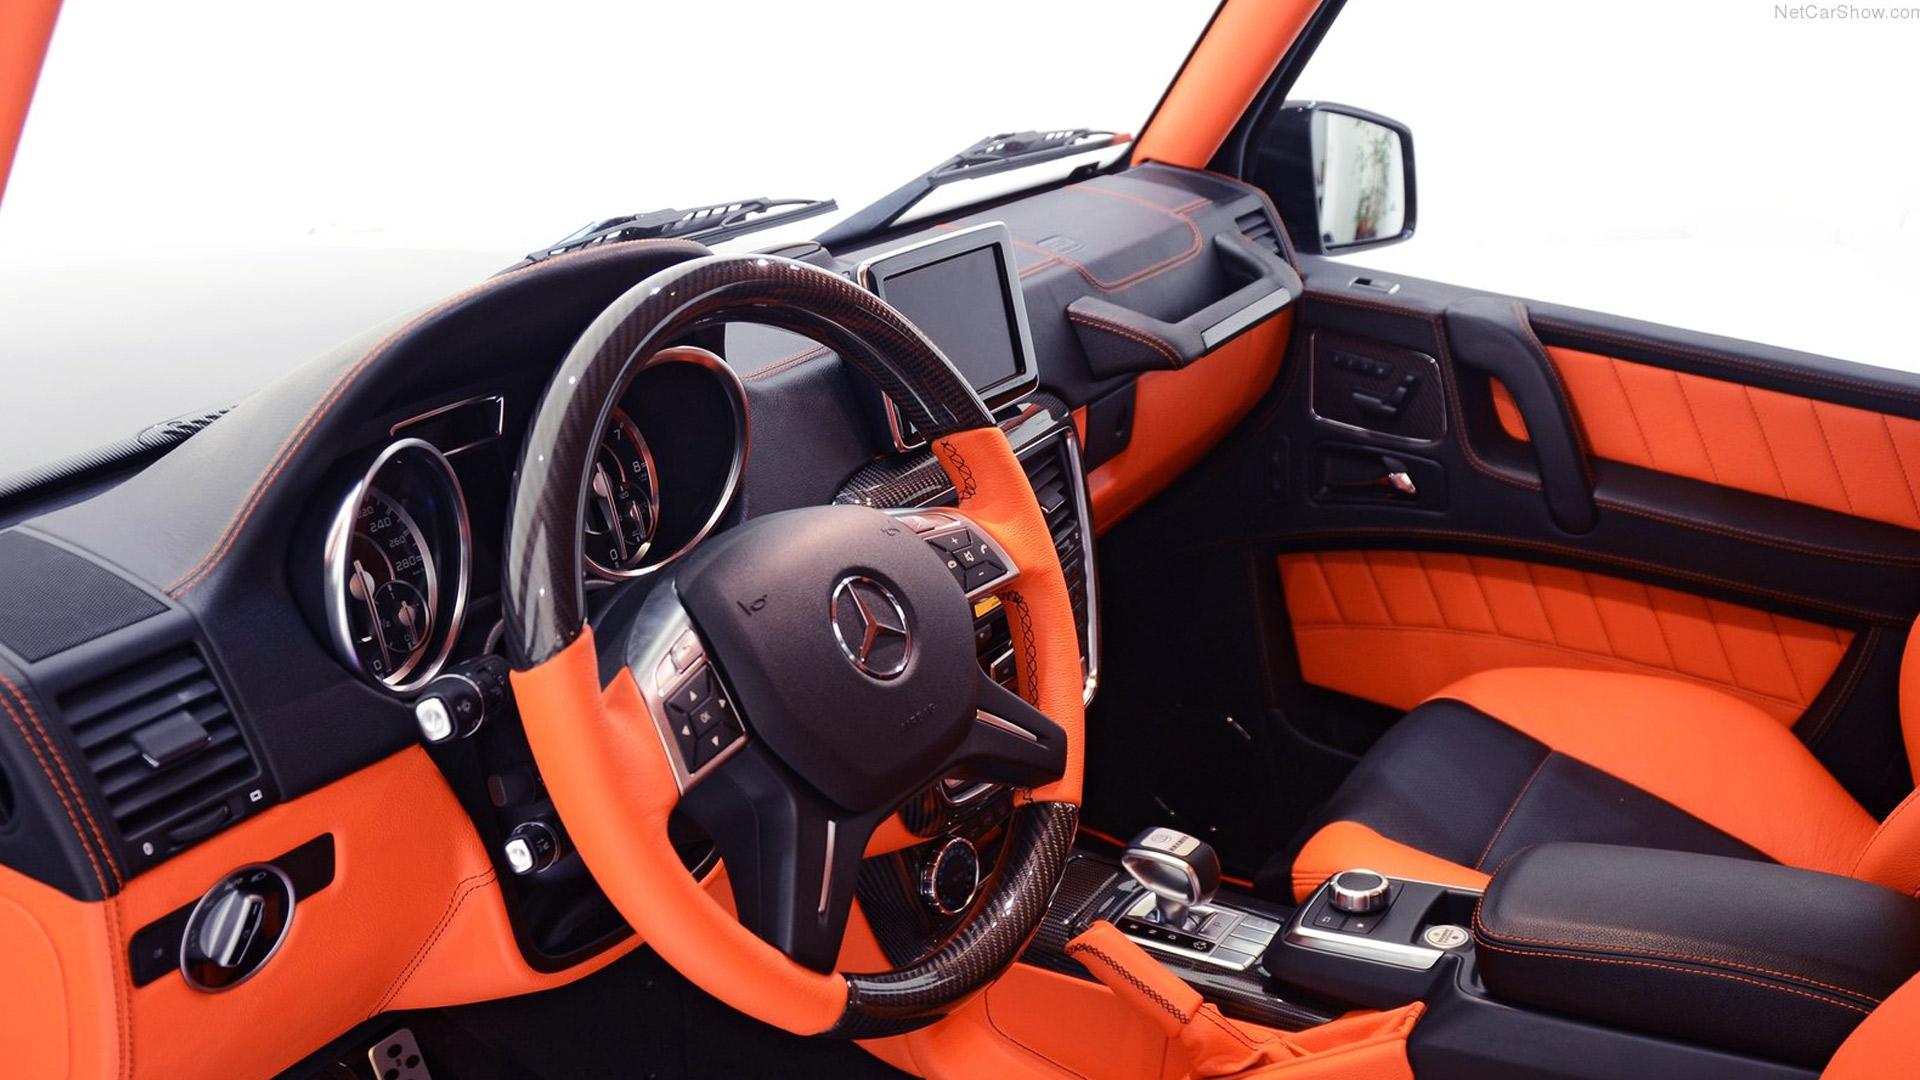 2013 Brabus B63-620 Widestar Front Dash